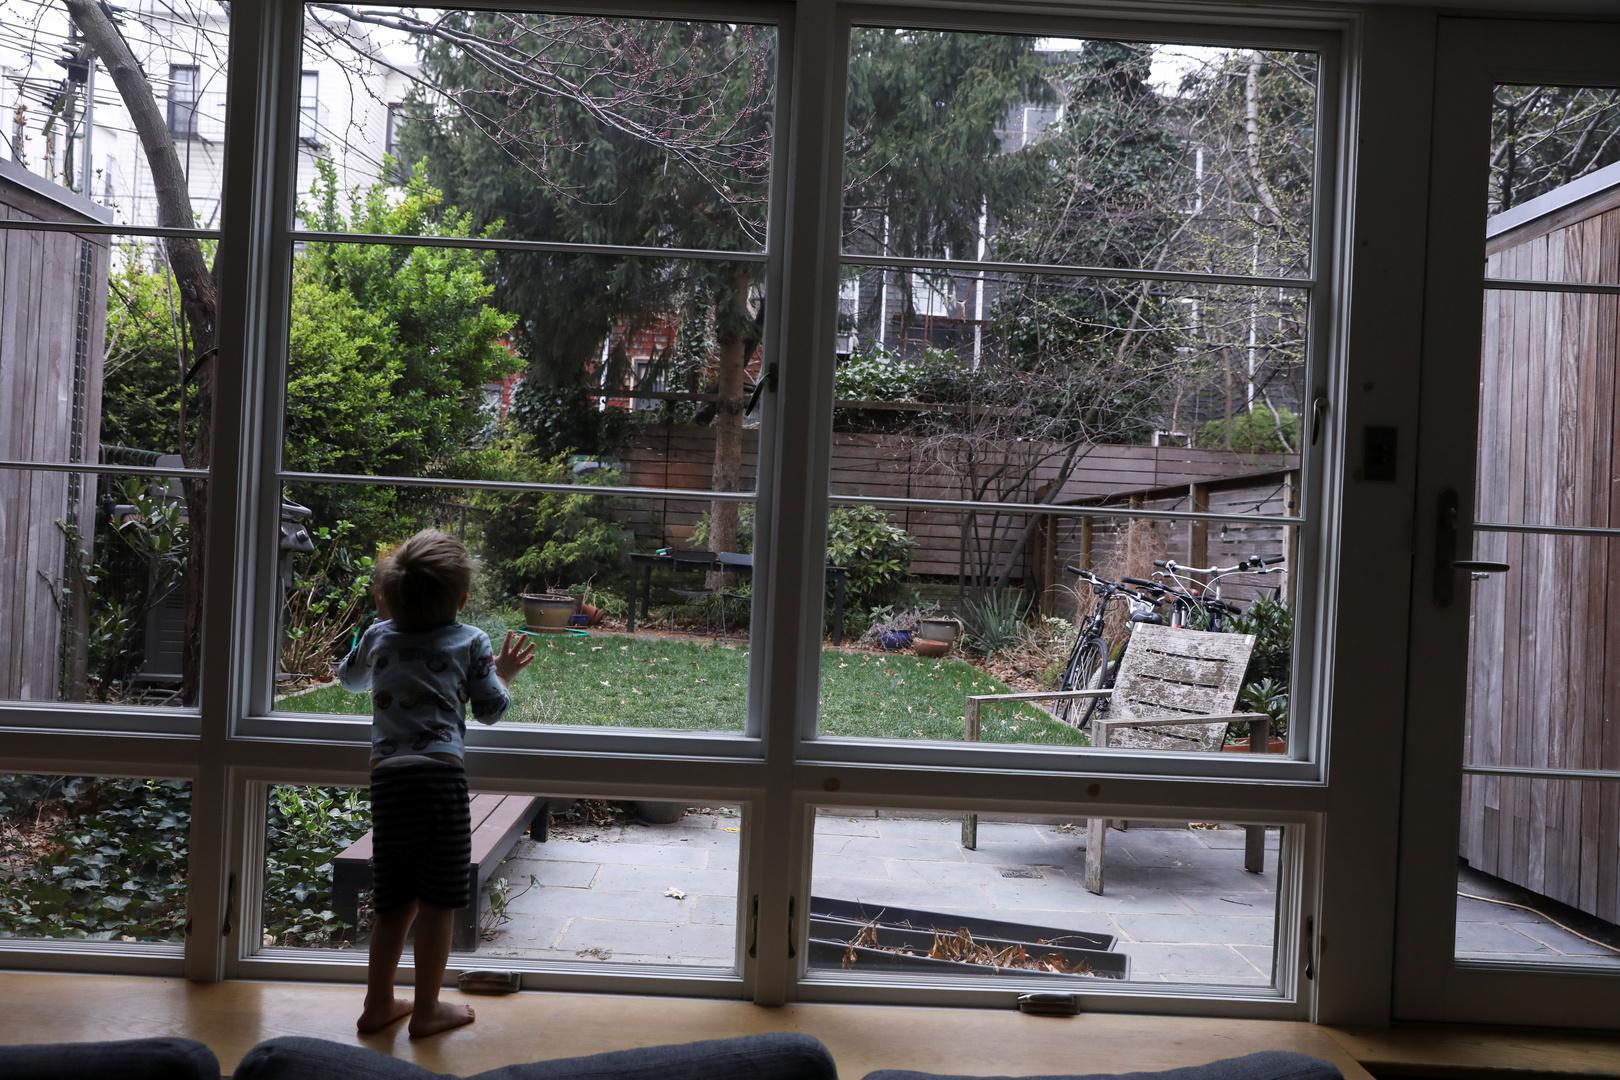 طفلة أمريكية قيد الحجر الصحي بسبب تفشي فيروس كورونا - نيويورك